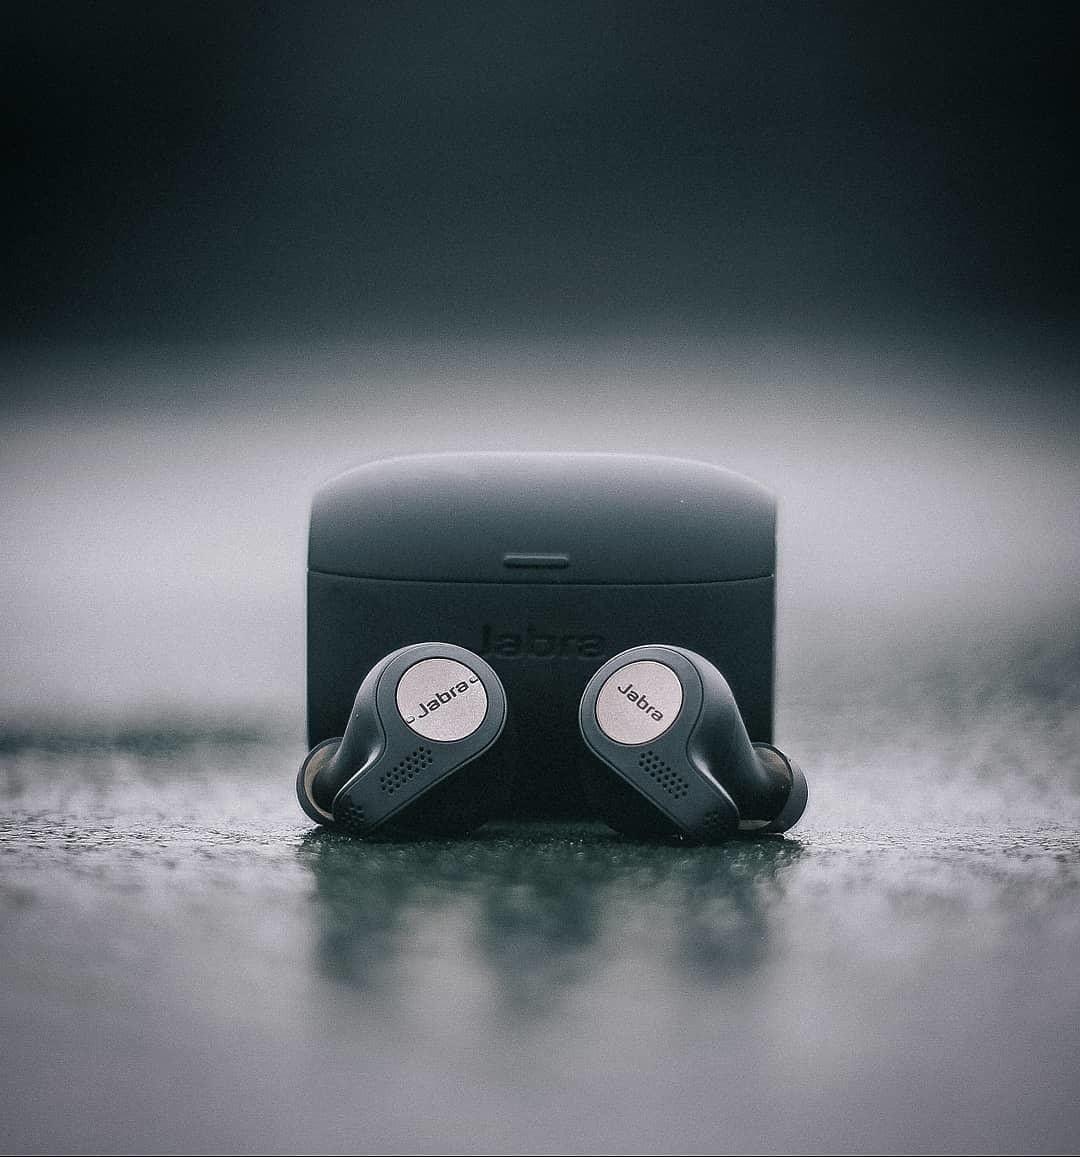 Jabra Elite Active 65t: True wireless earphones for multi-tasking dads, $298